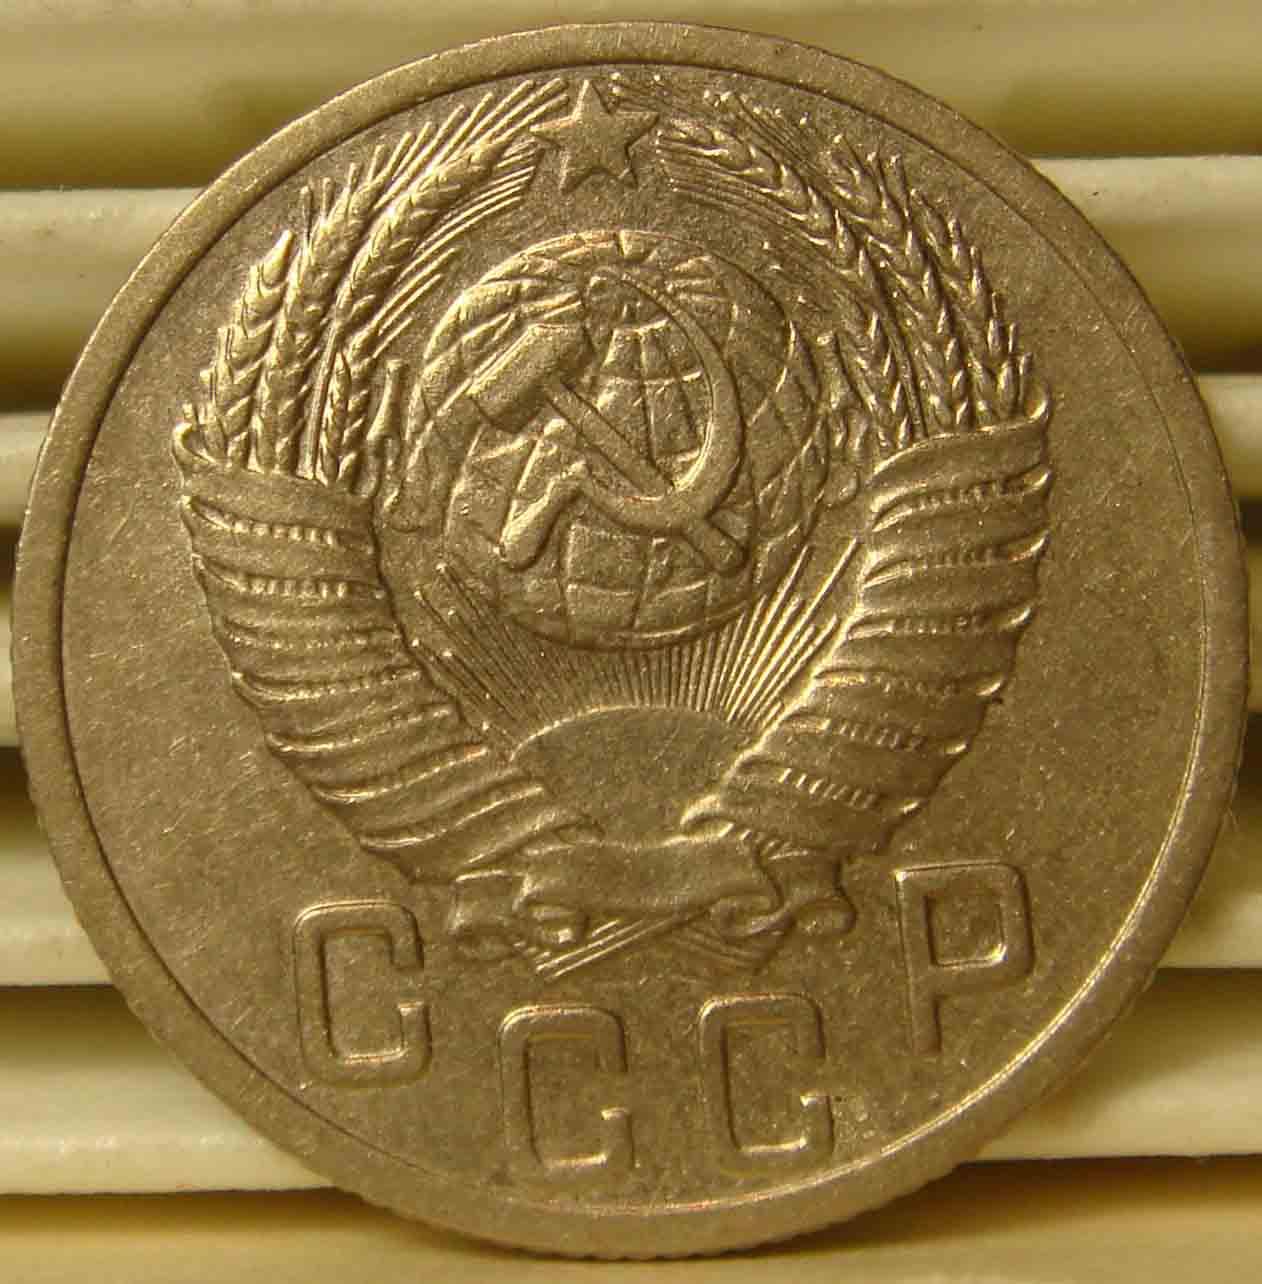 15 копеек 1952 г Лицевая сторона - 3.21., оборотная сторона - Б, просвет буквы «О» круглый